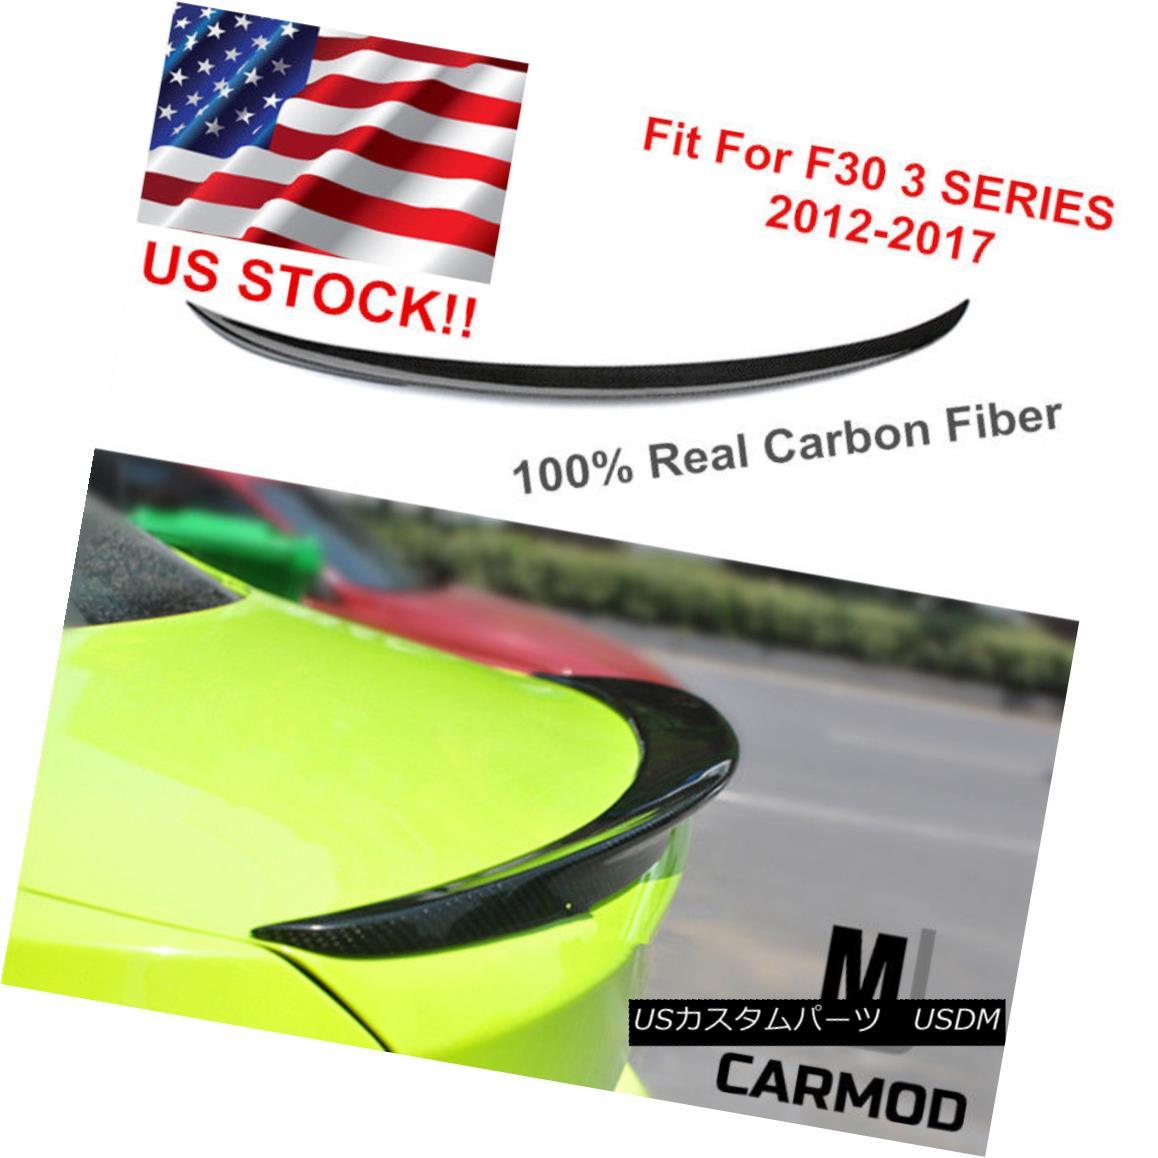 エアロパーツ FIT FOR BMW F30 320 325 328i 330i 2012-18 CARBON FIBER TRUNK PERFORMANCE SPOILER F30用BMW F30 320i 325i 328i 330i 2012-18 CARBON FIBER TRUNK PERFORMANCE SPOILER